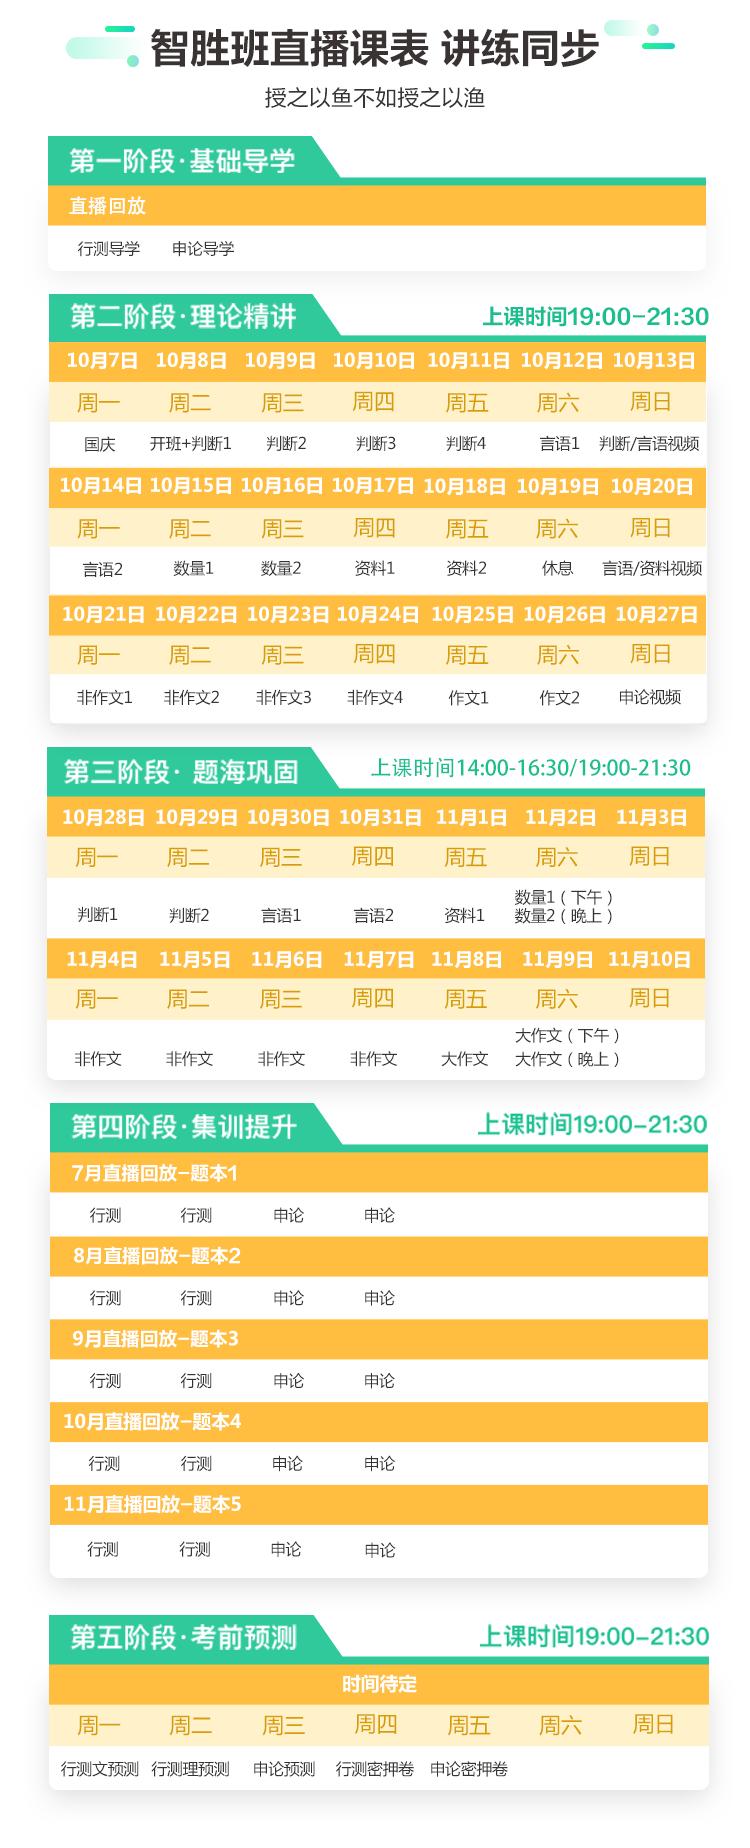 国考智胜班课详页-网校位置_04.png